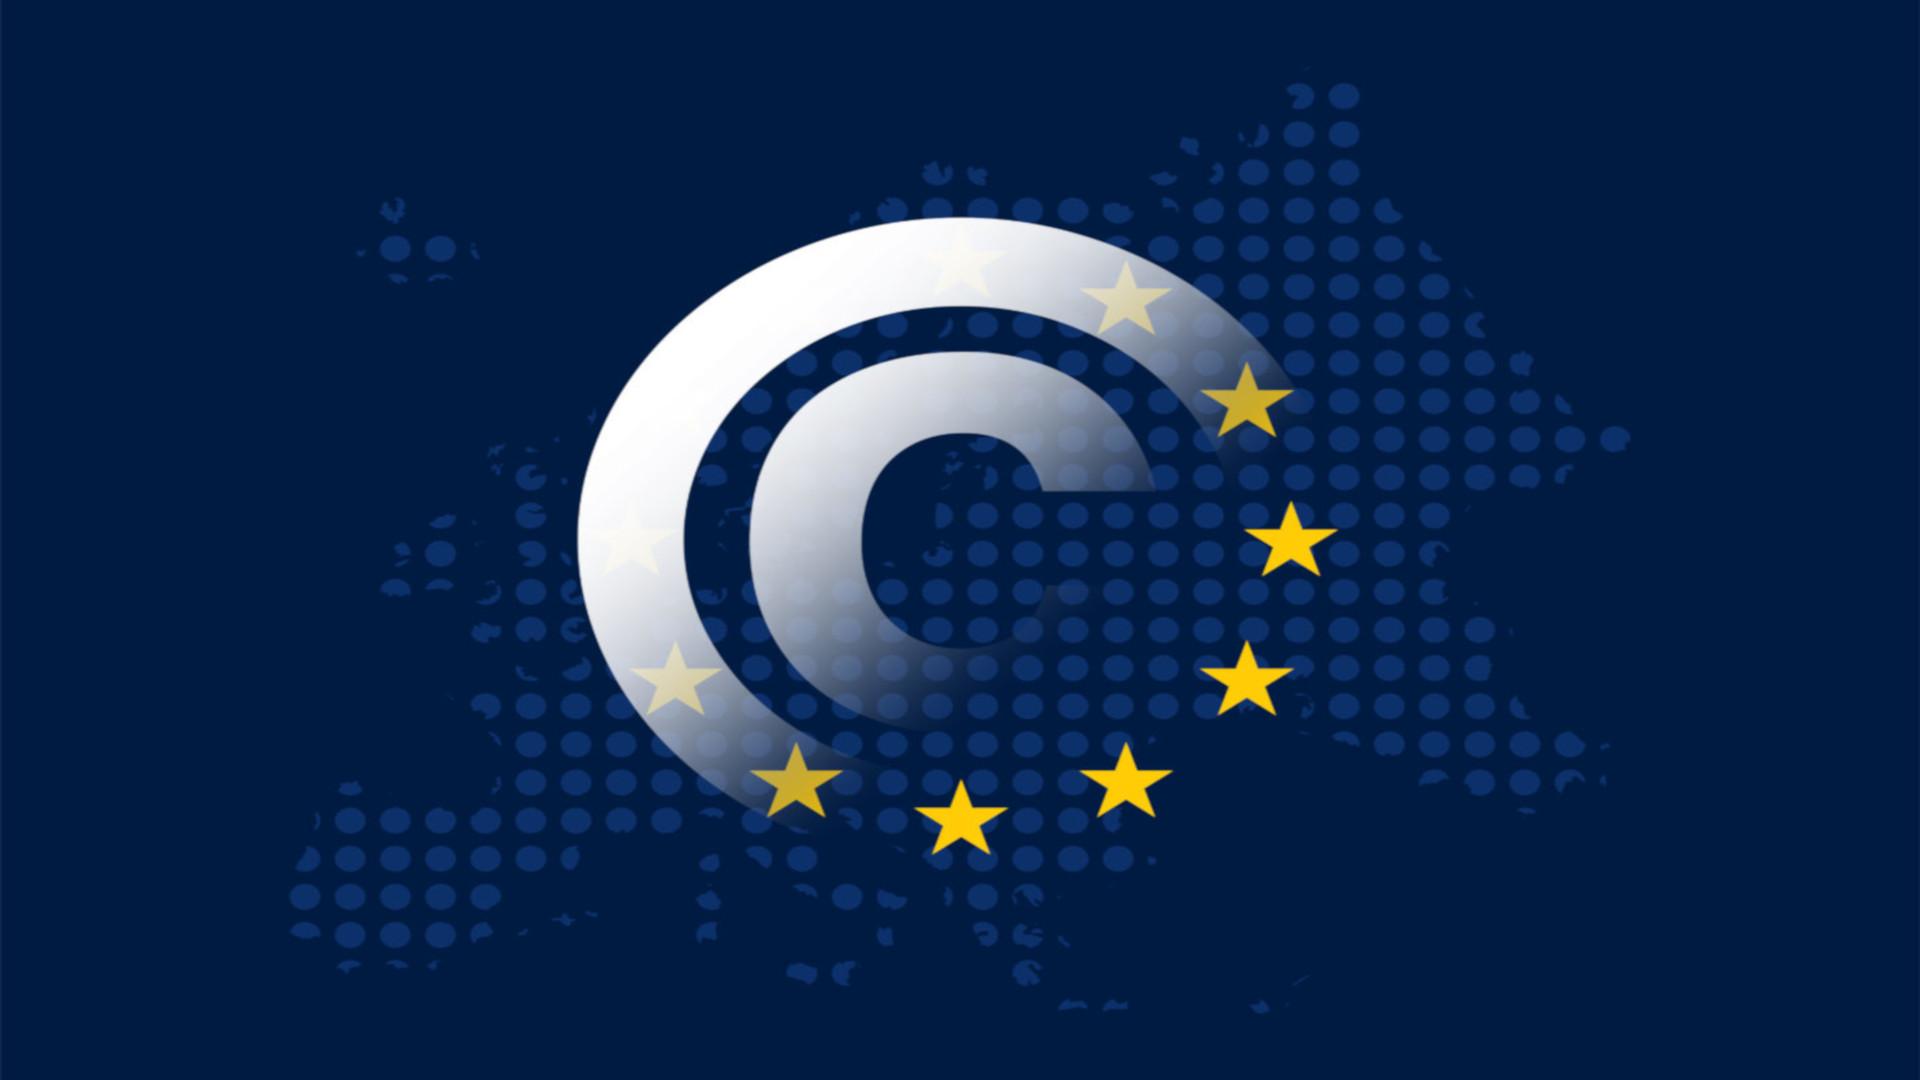 Approvato l'articolo 13. Cosa succederà ora?